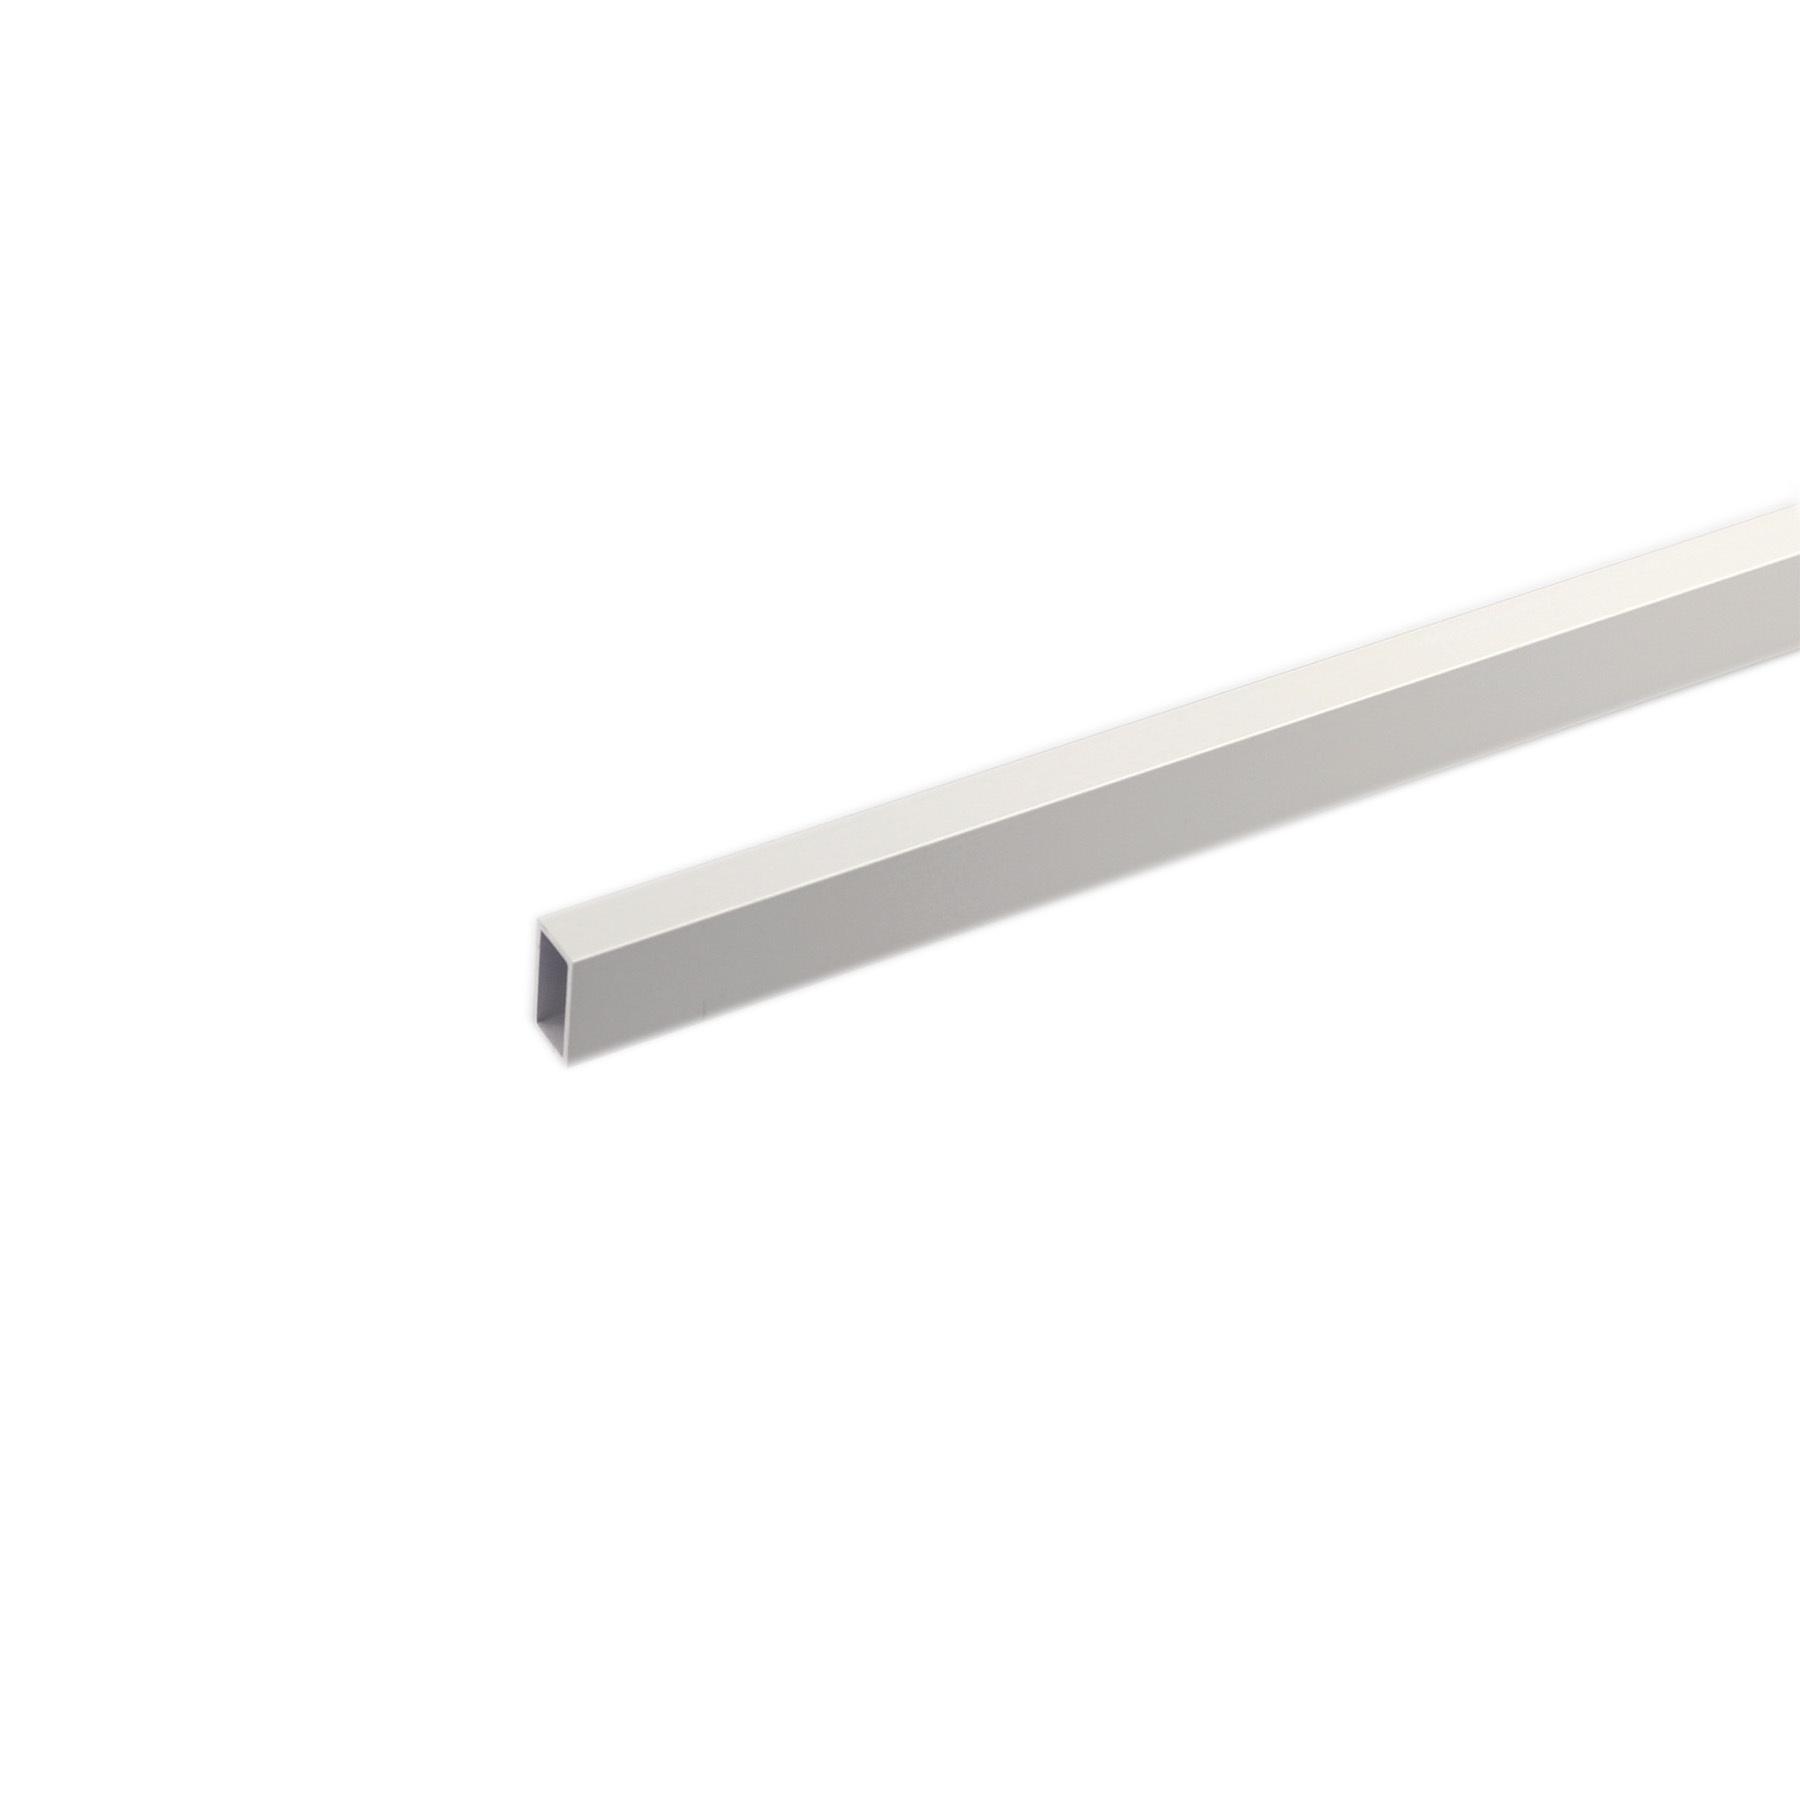 Tubo Retangular Alumínio Anodizado 2mx20cm